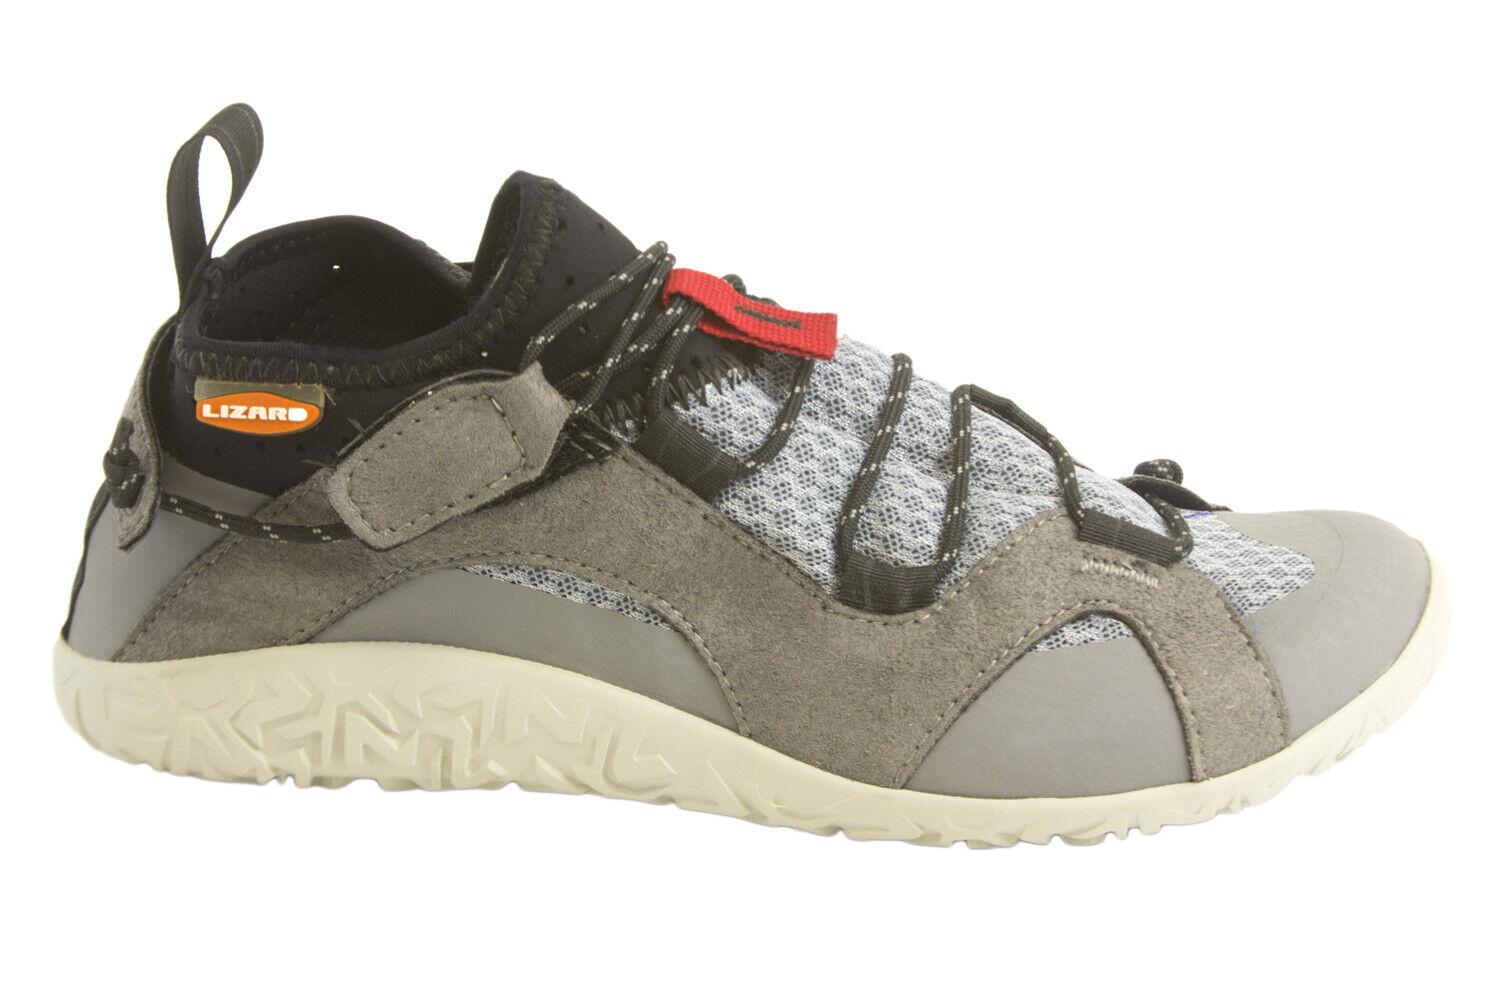 Lizard Footwear Women's Kross Amphibious Grey Trail shoes  NWOB